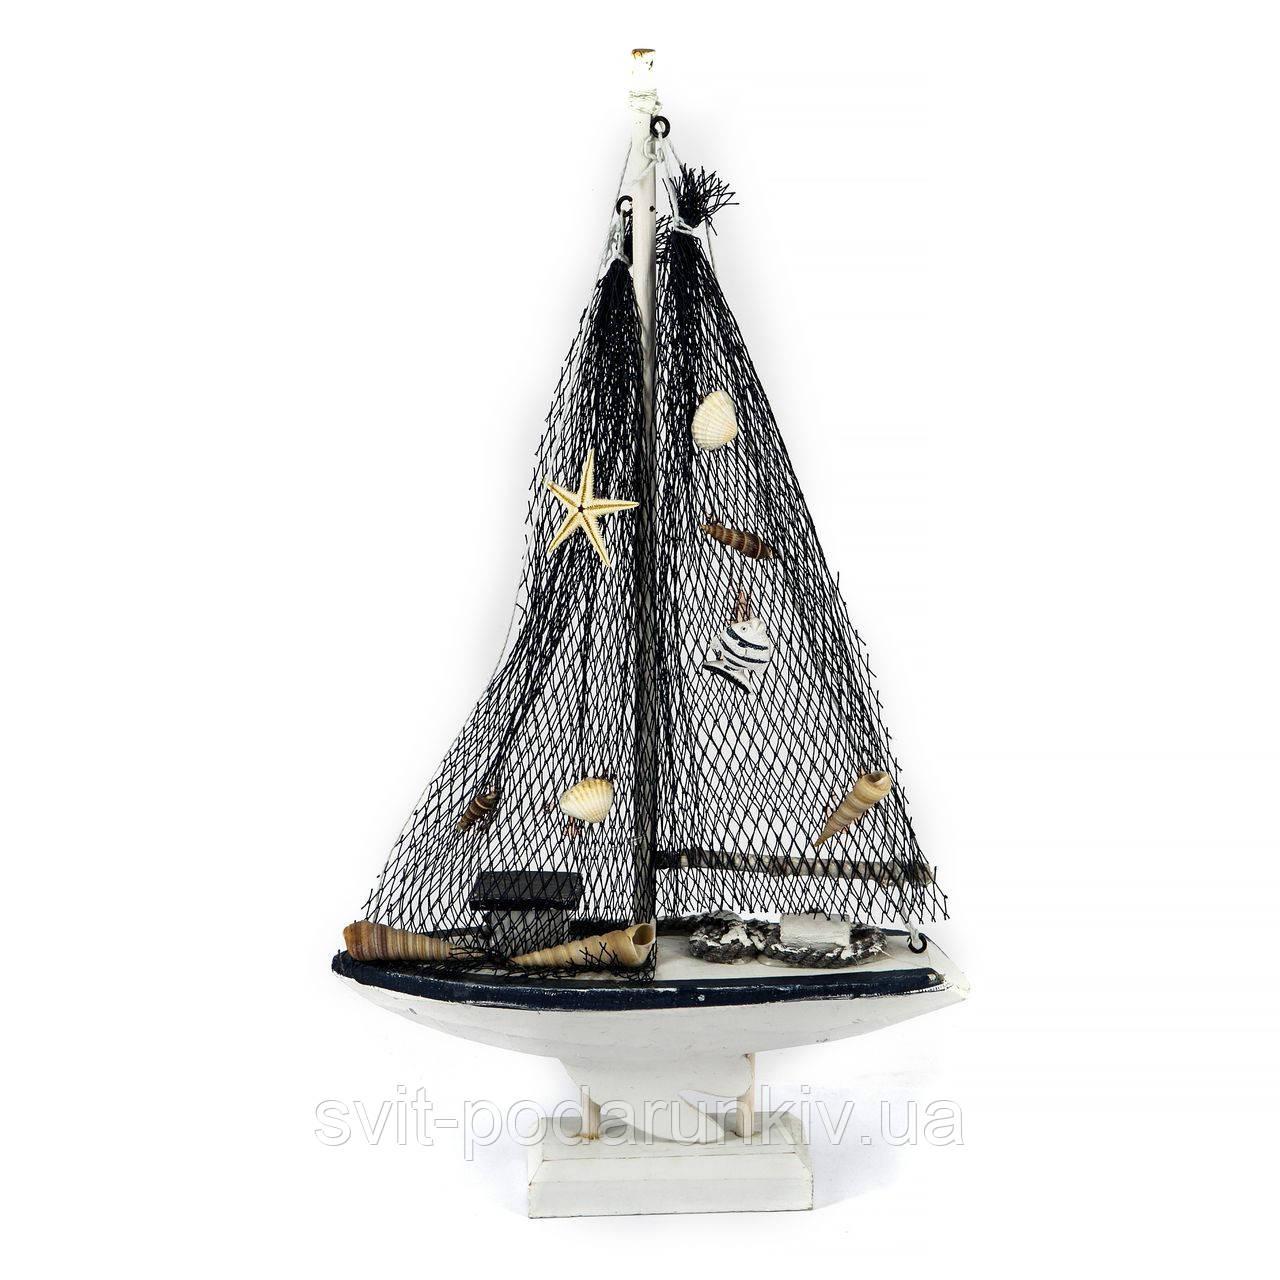 Модель парусной яхты сувенирная большая FS326B